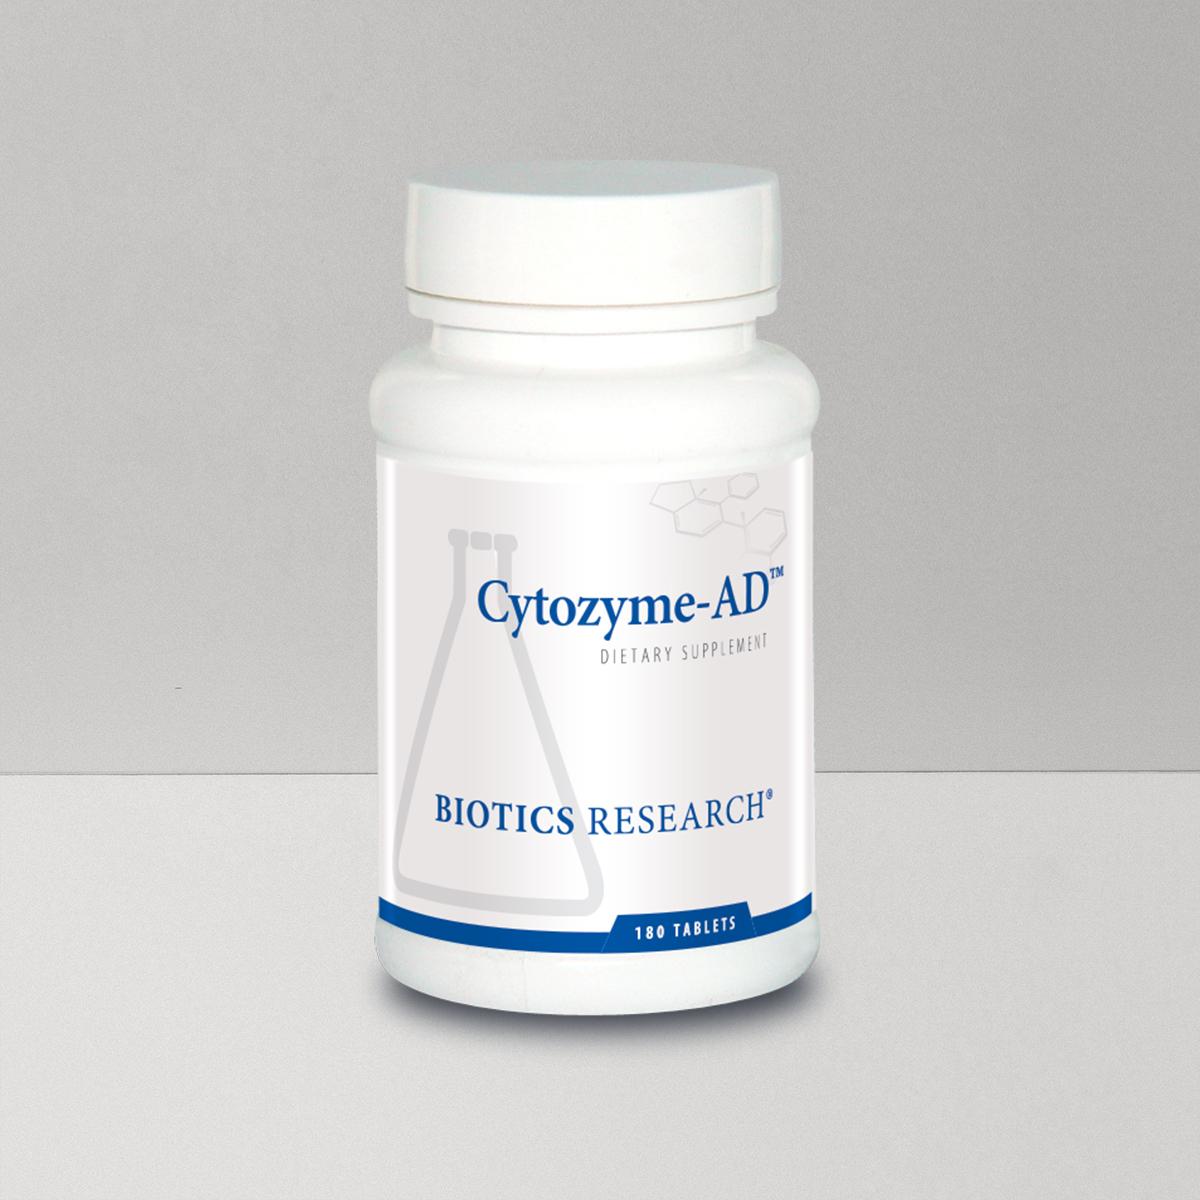 Cytozyme-AD